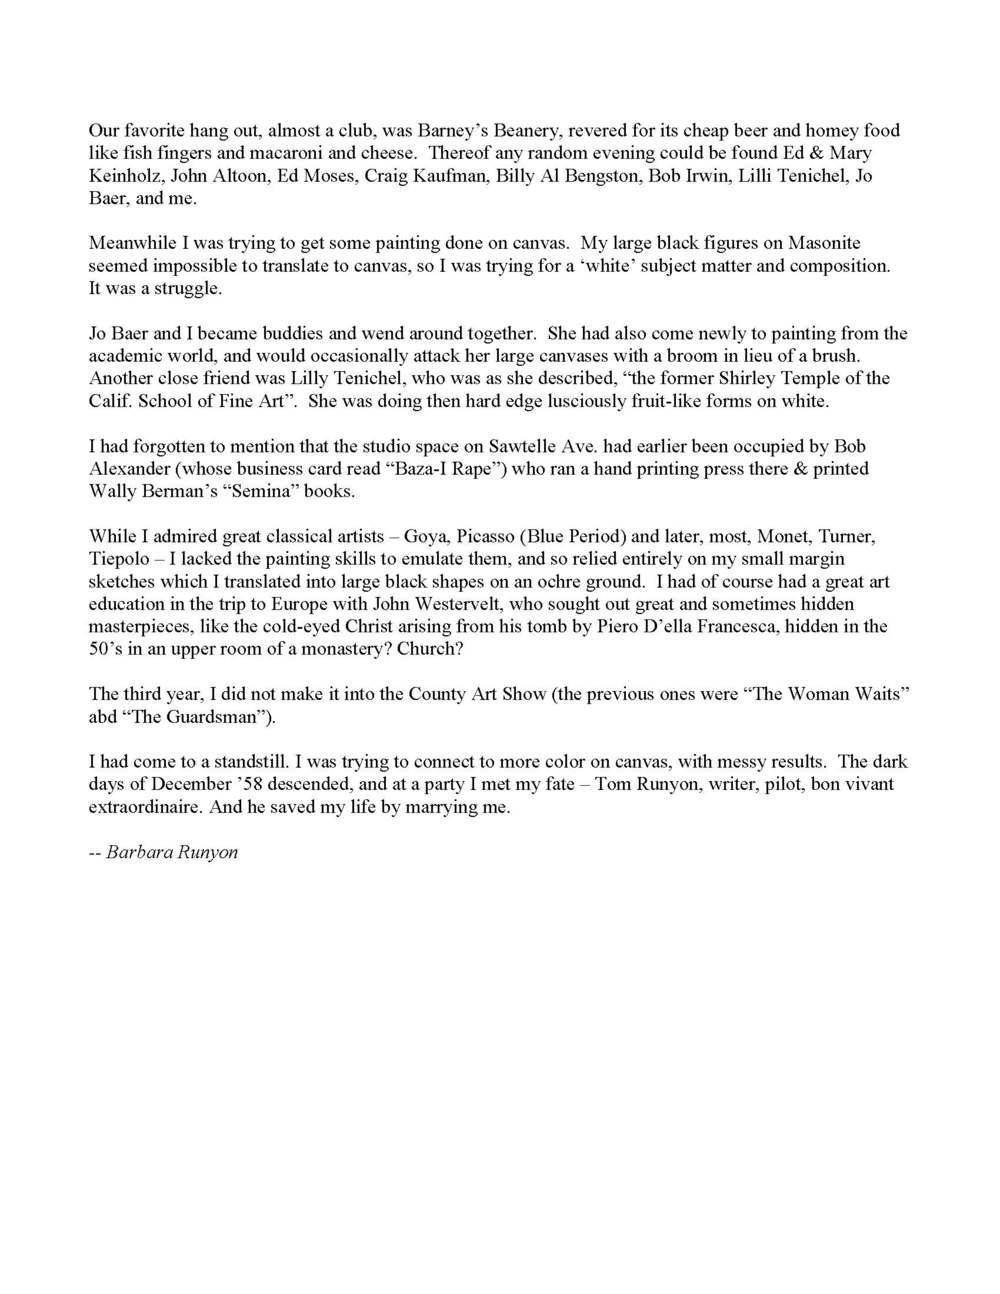 BARBARA-PIECE_Page_2.jpg